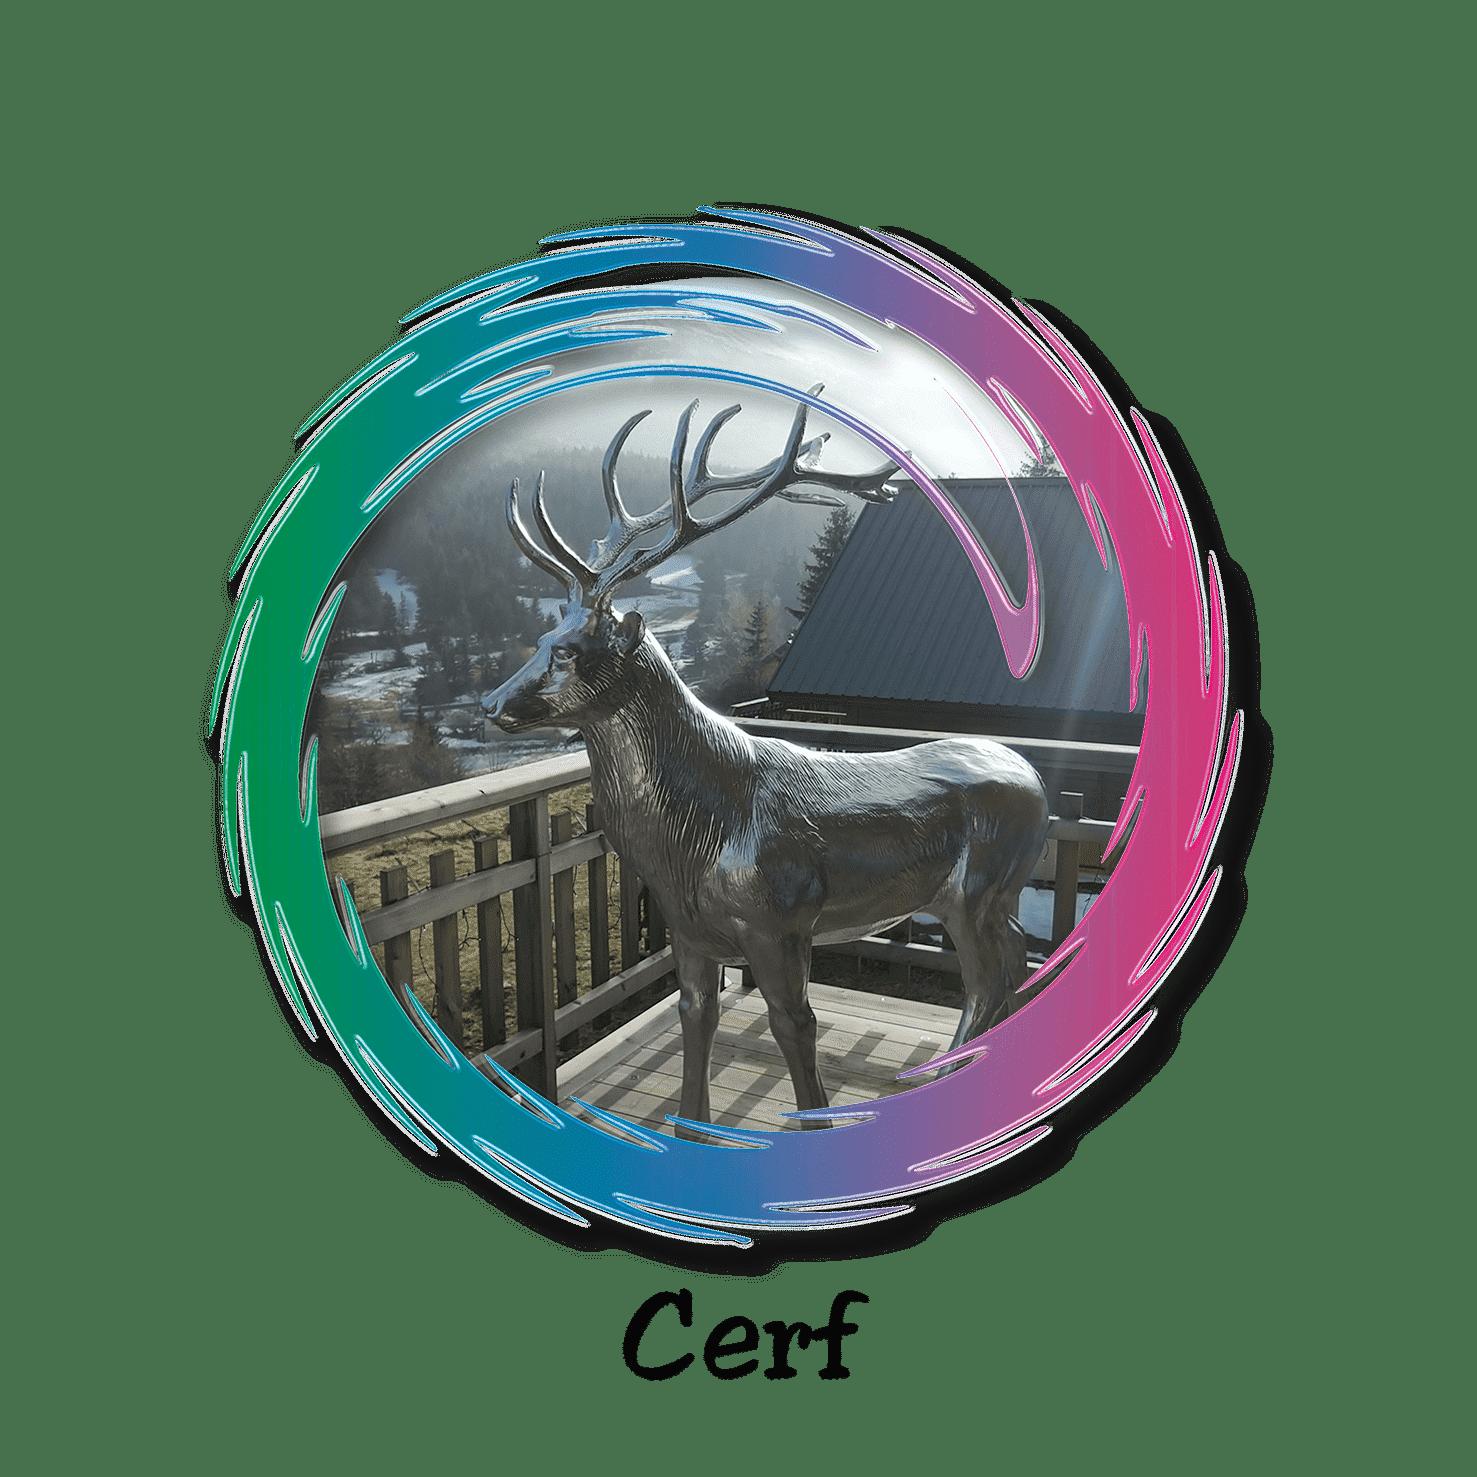 cerf design